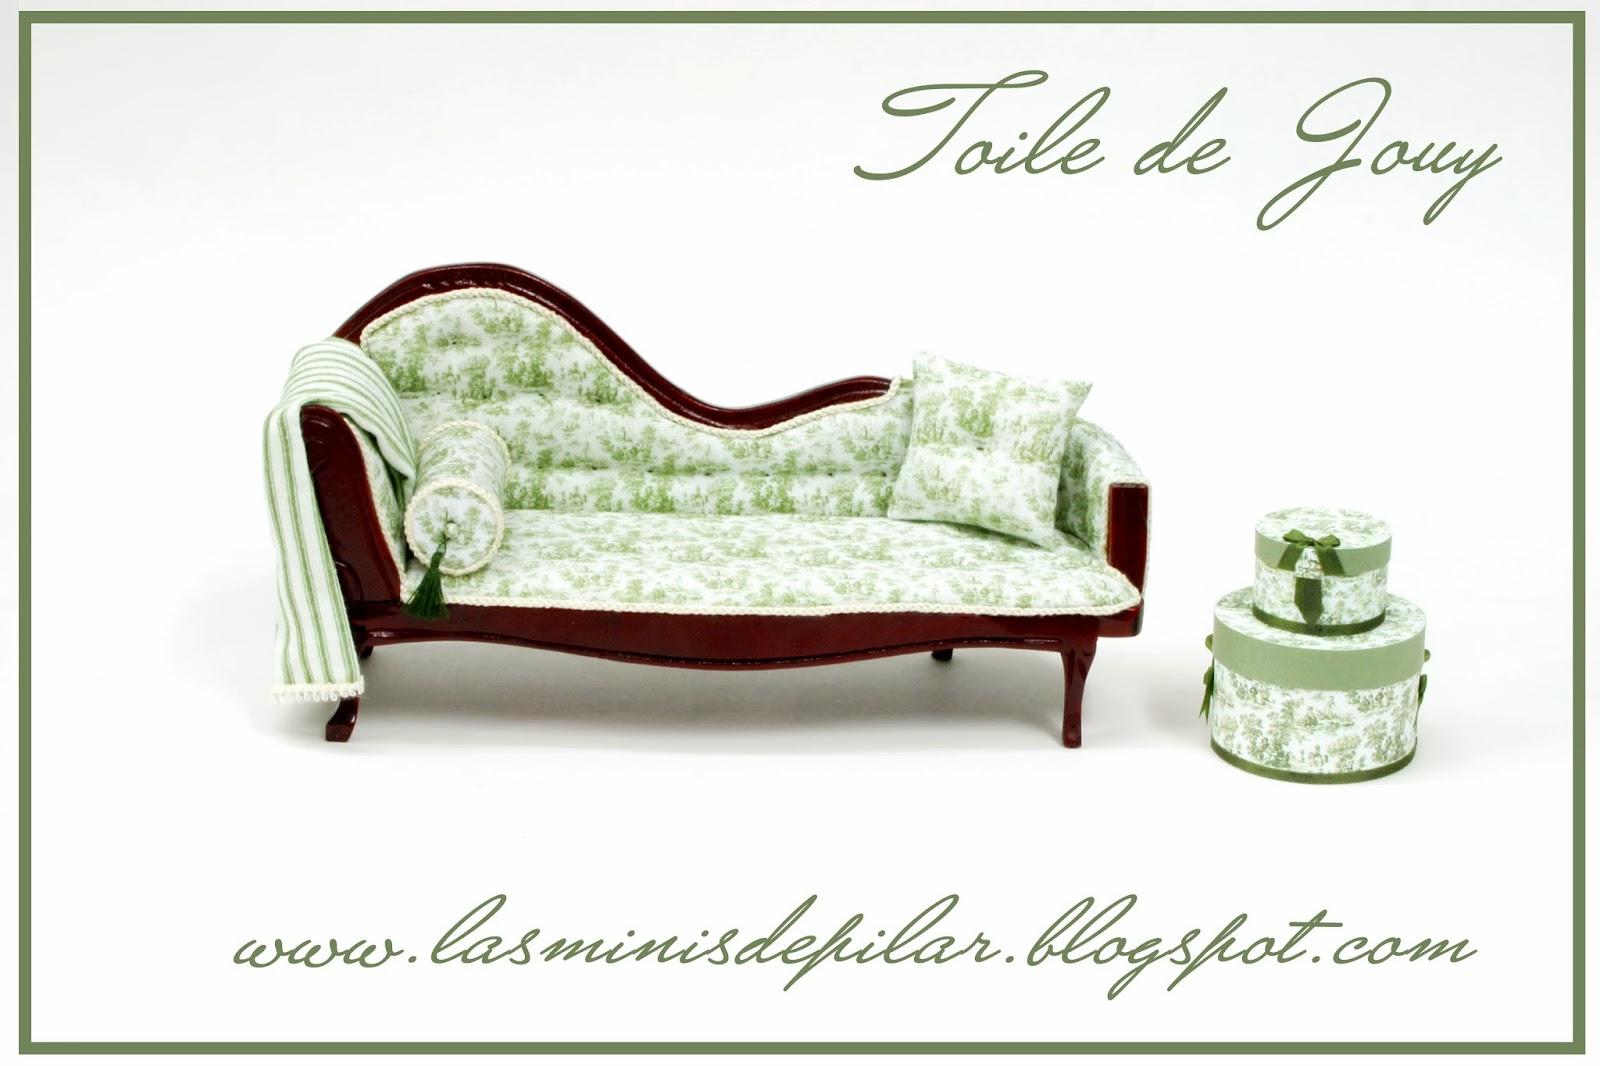 Pilar alen miniaturas descanso en toile de jouy for Chaise longue en toile